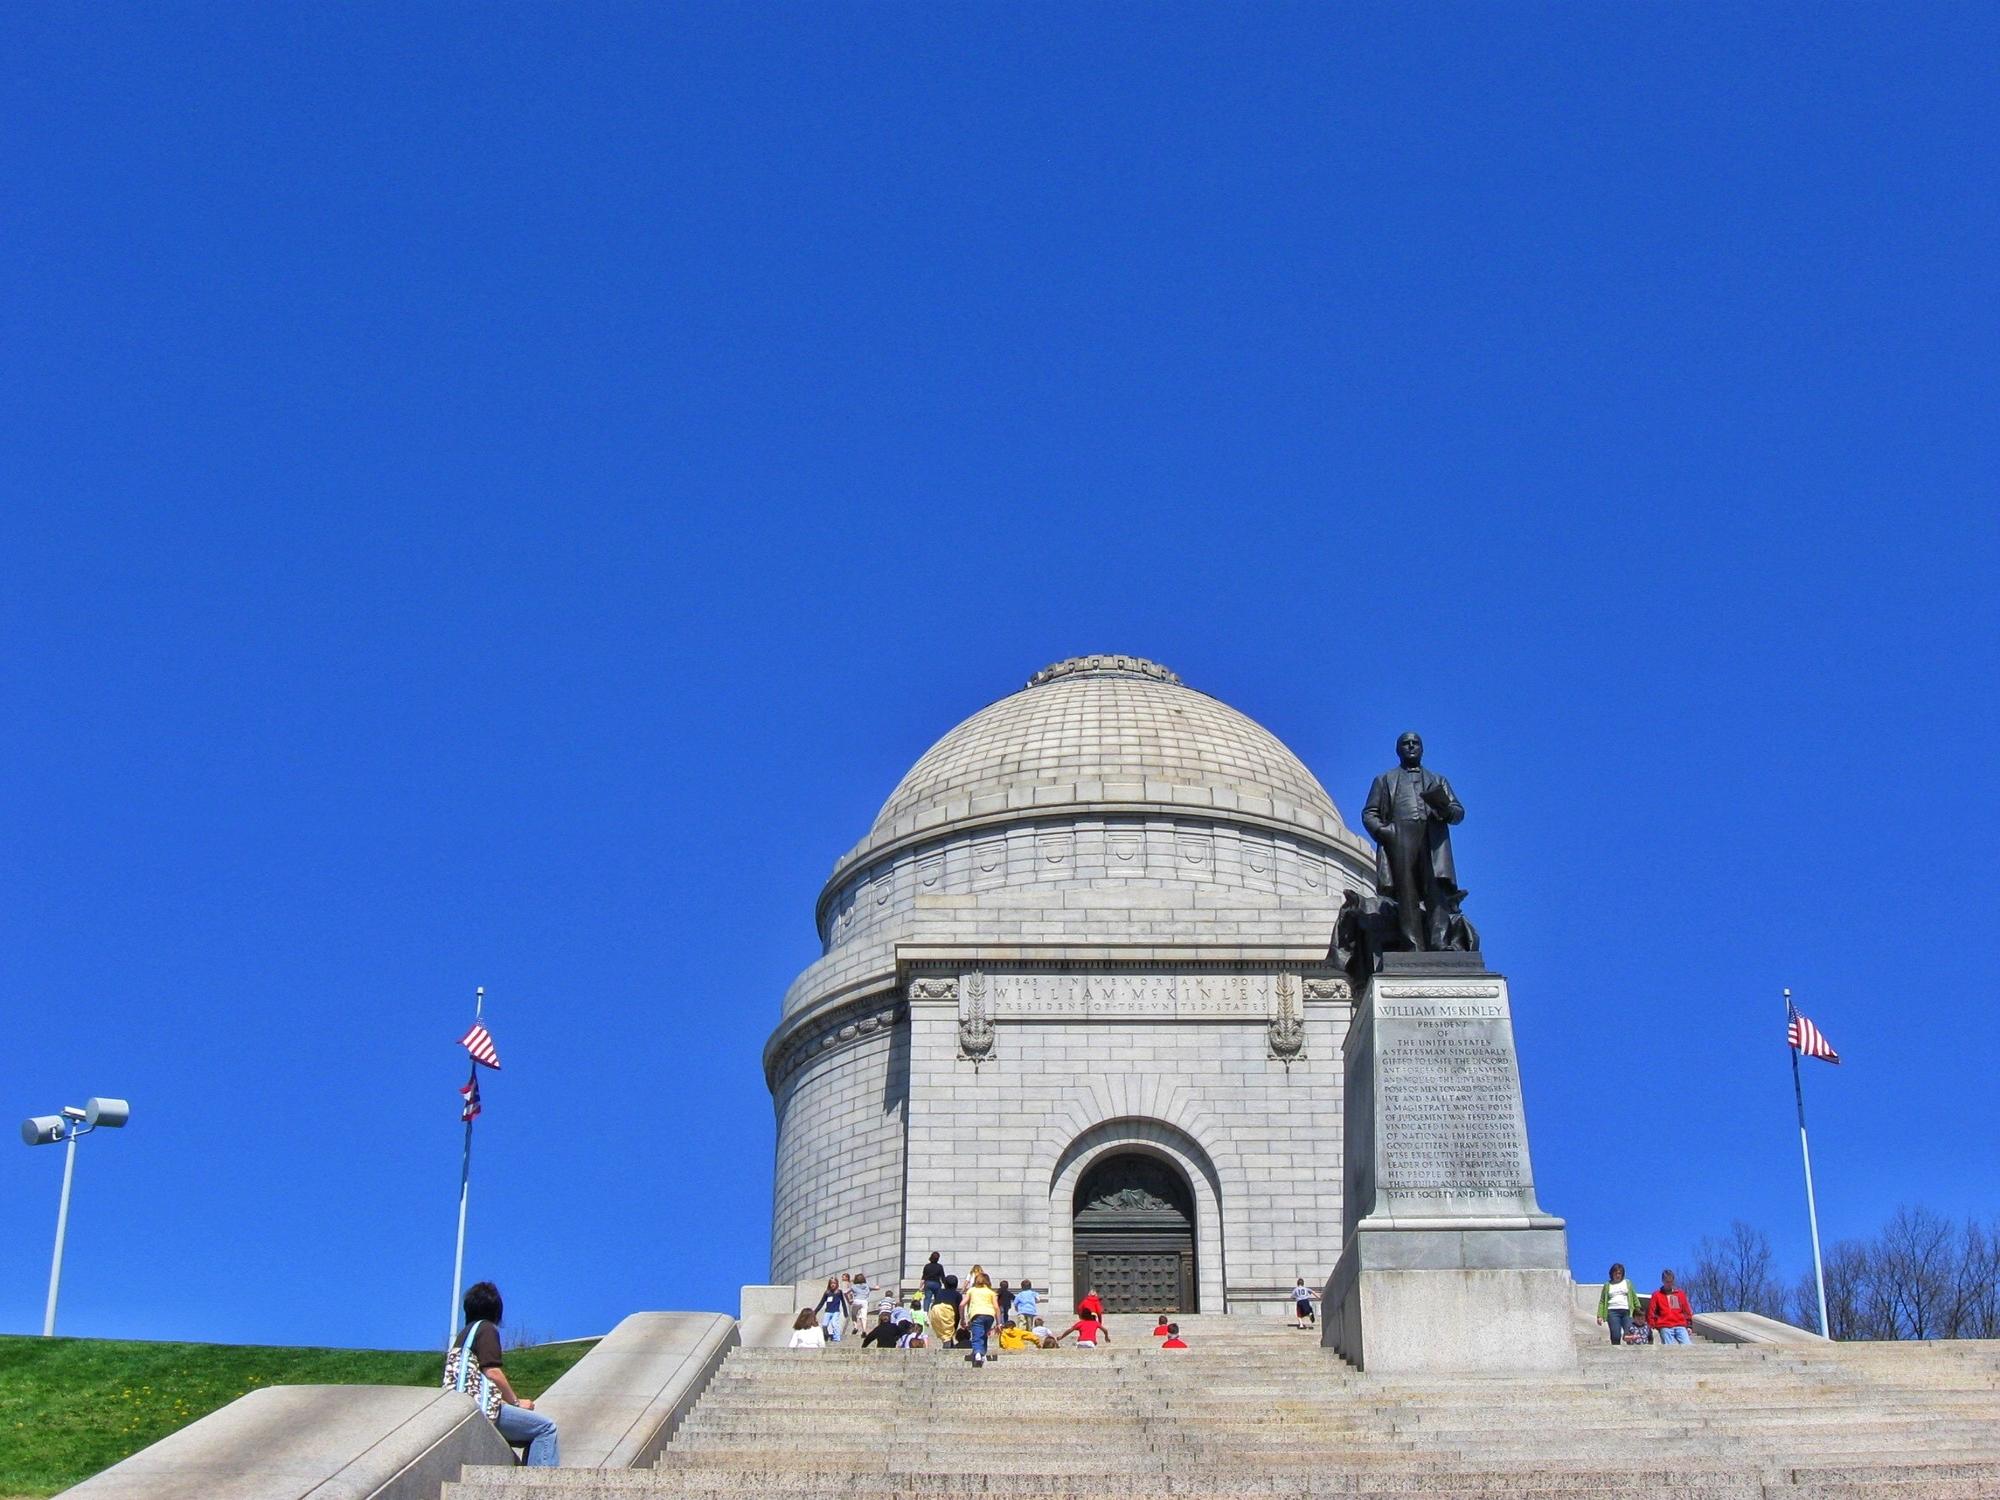 William McKinley National Memorial